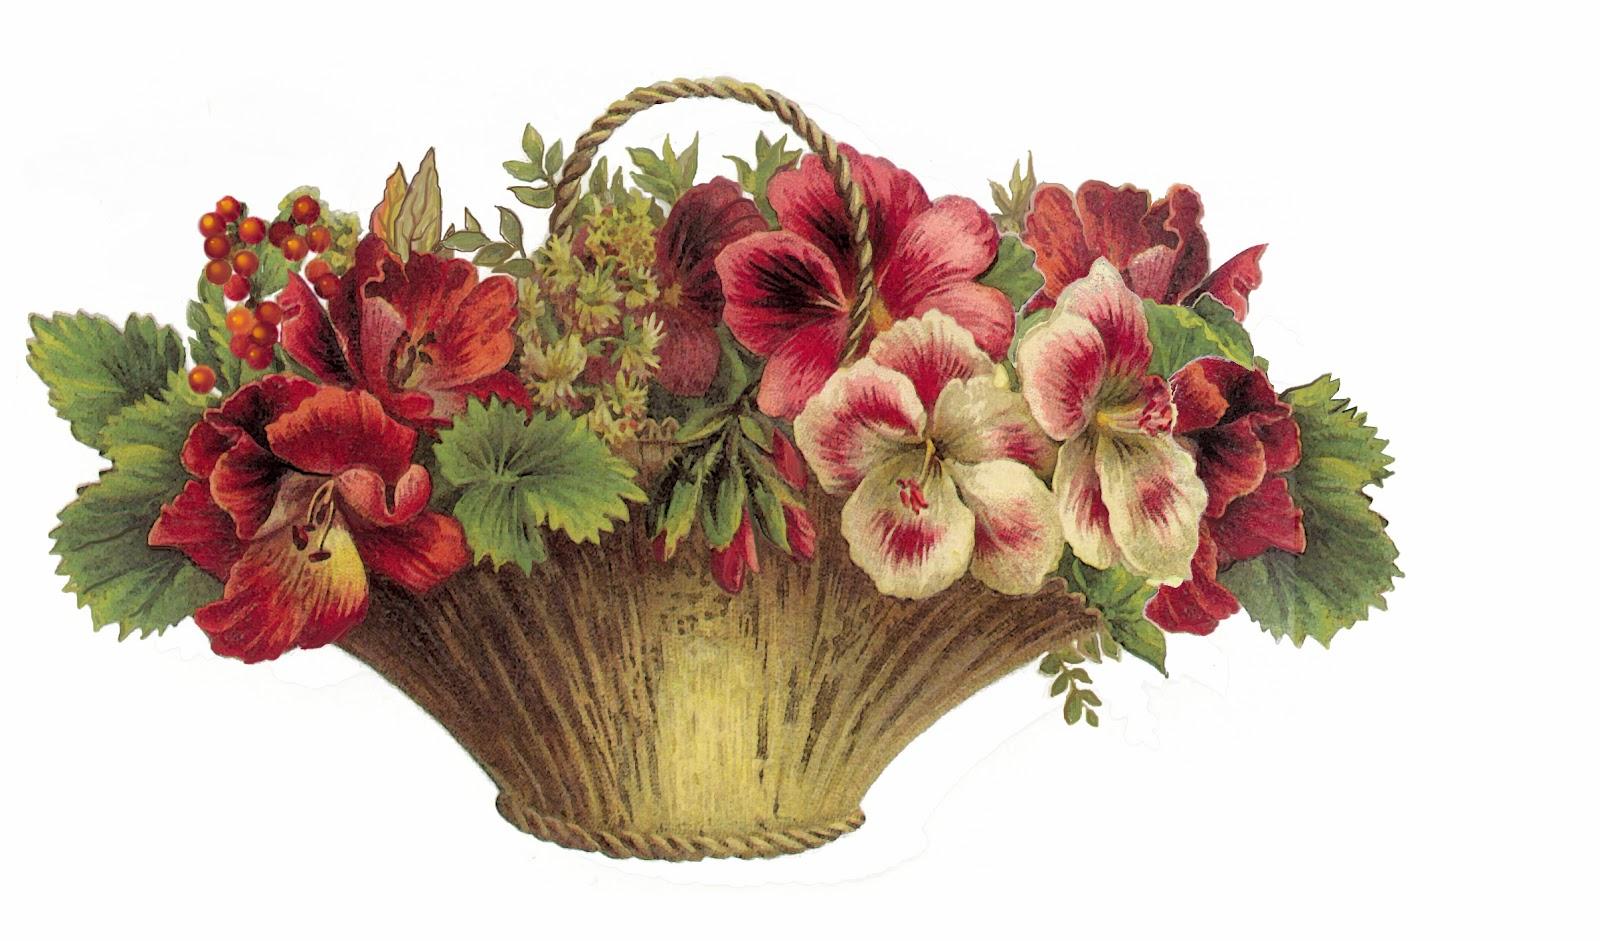 flowerbasketred